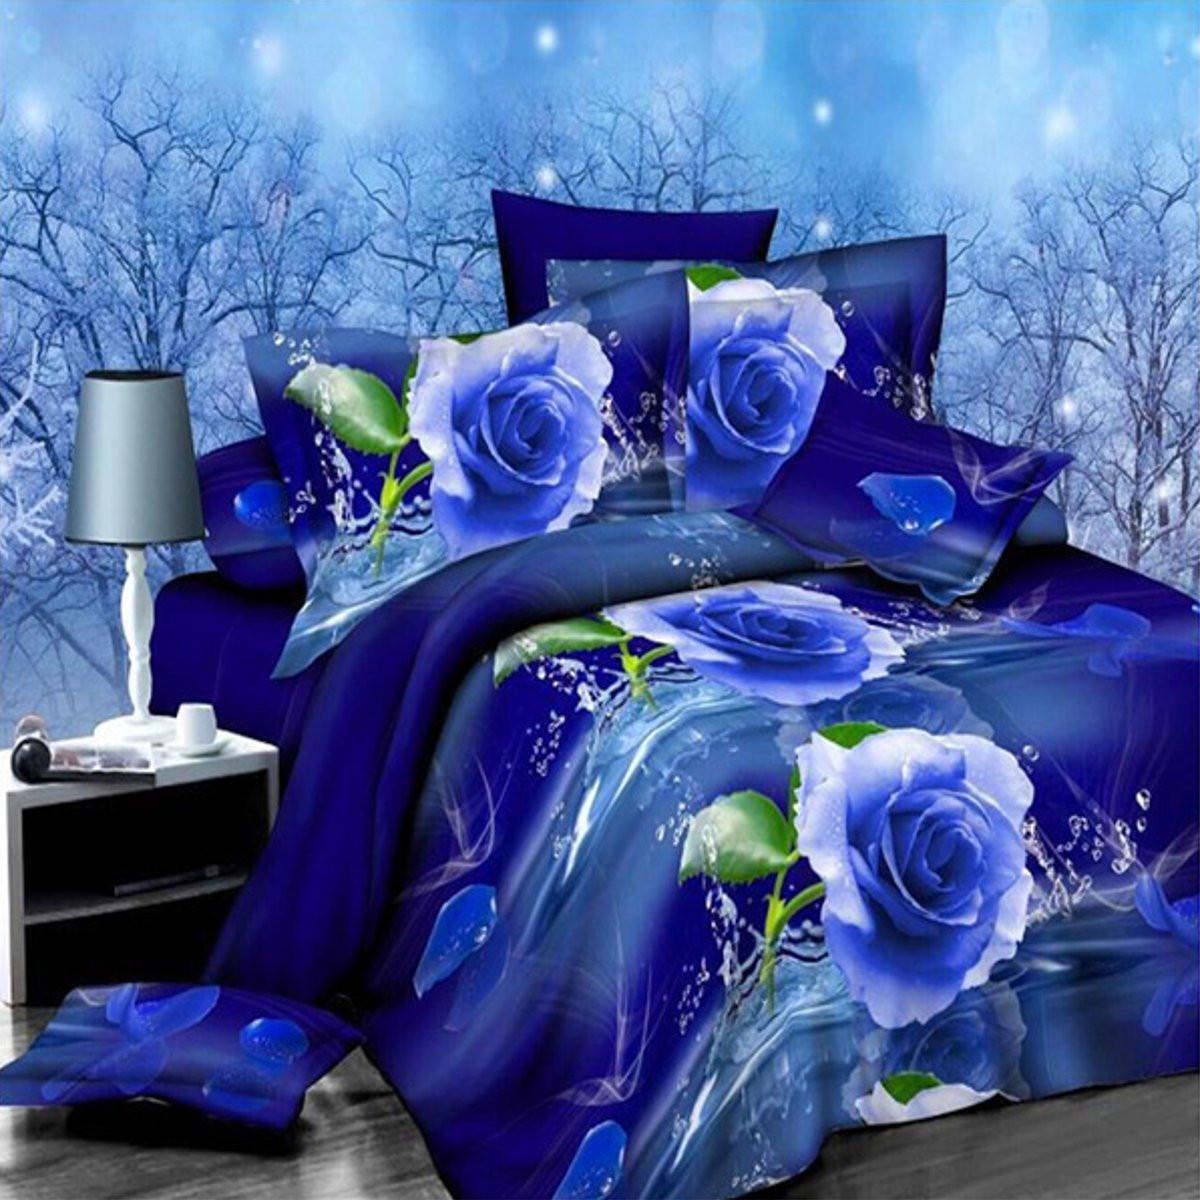 4шт костюм полиэфирного волокна 3d голубой розы реактивной крашение комплекты постельных принадлежностей Королева Король размер